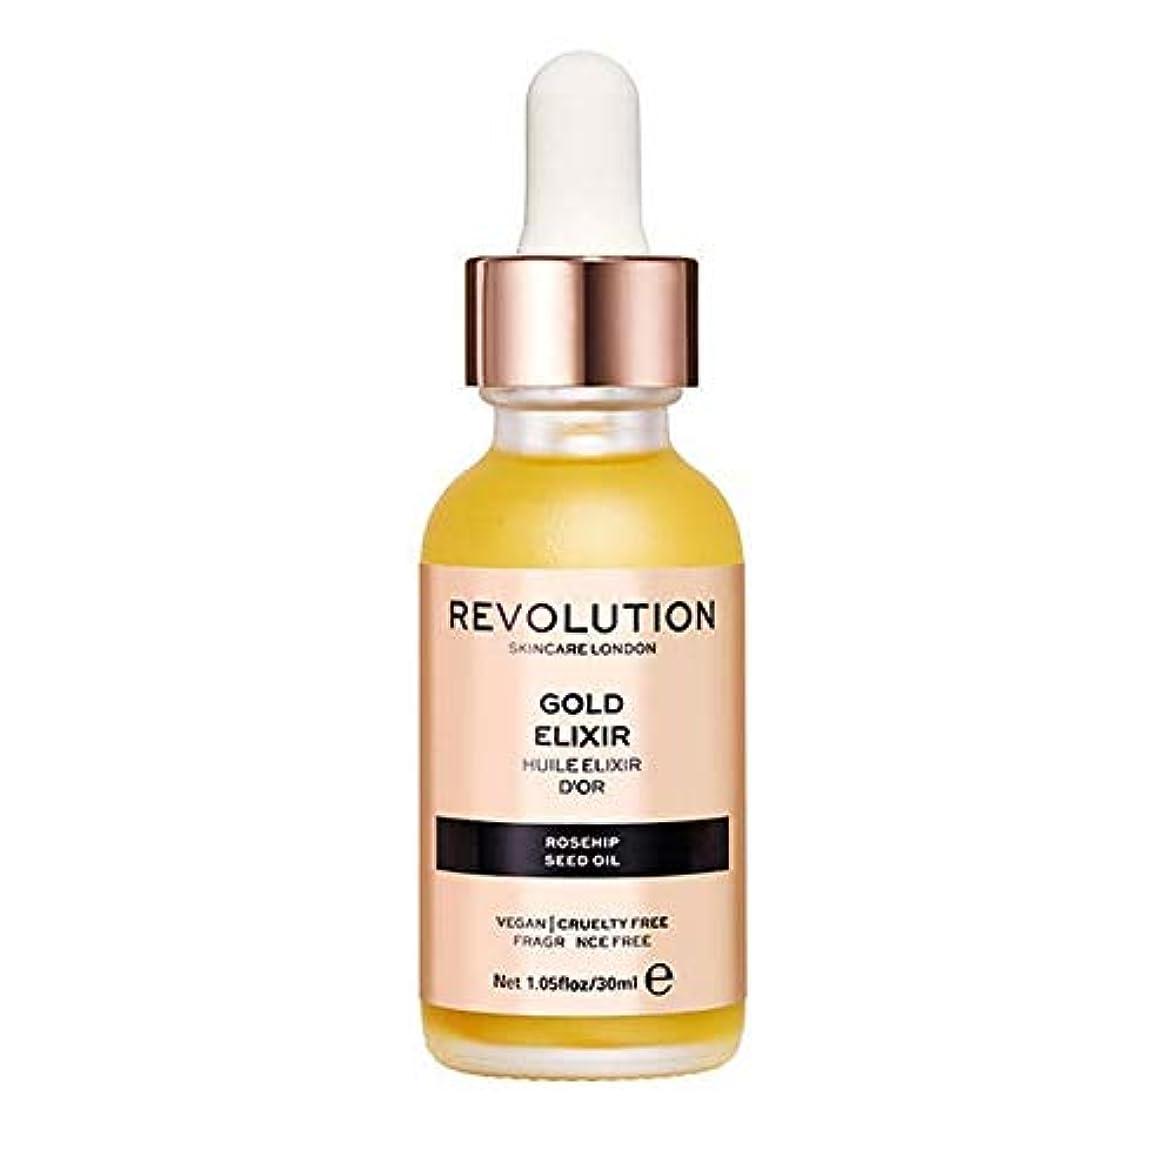 拒絶するくしゃみ長いです[Revolution] 革命スキンケアローズヒップシードオイル - ゴールドエリクサー - Revolution Skincare Rosehip Seed Oil - Gold Elixir [並行輸入品]